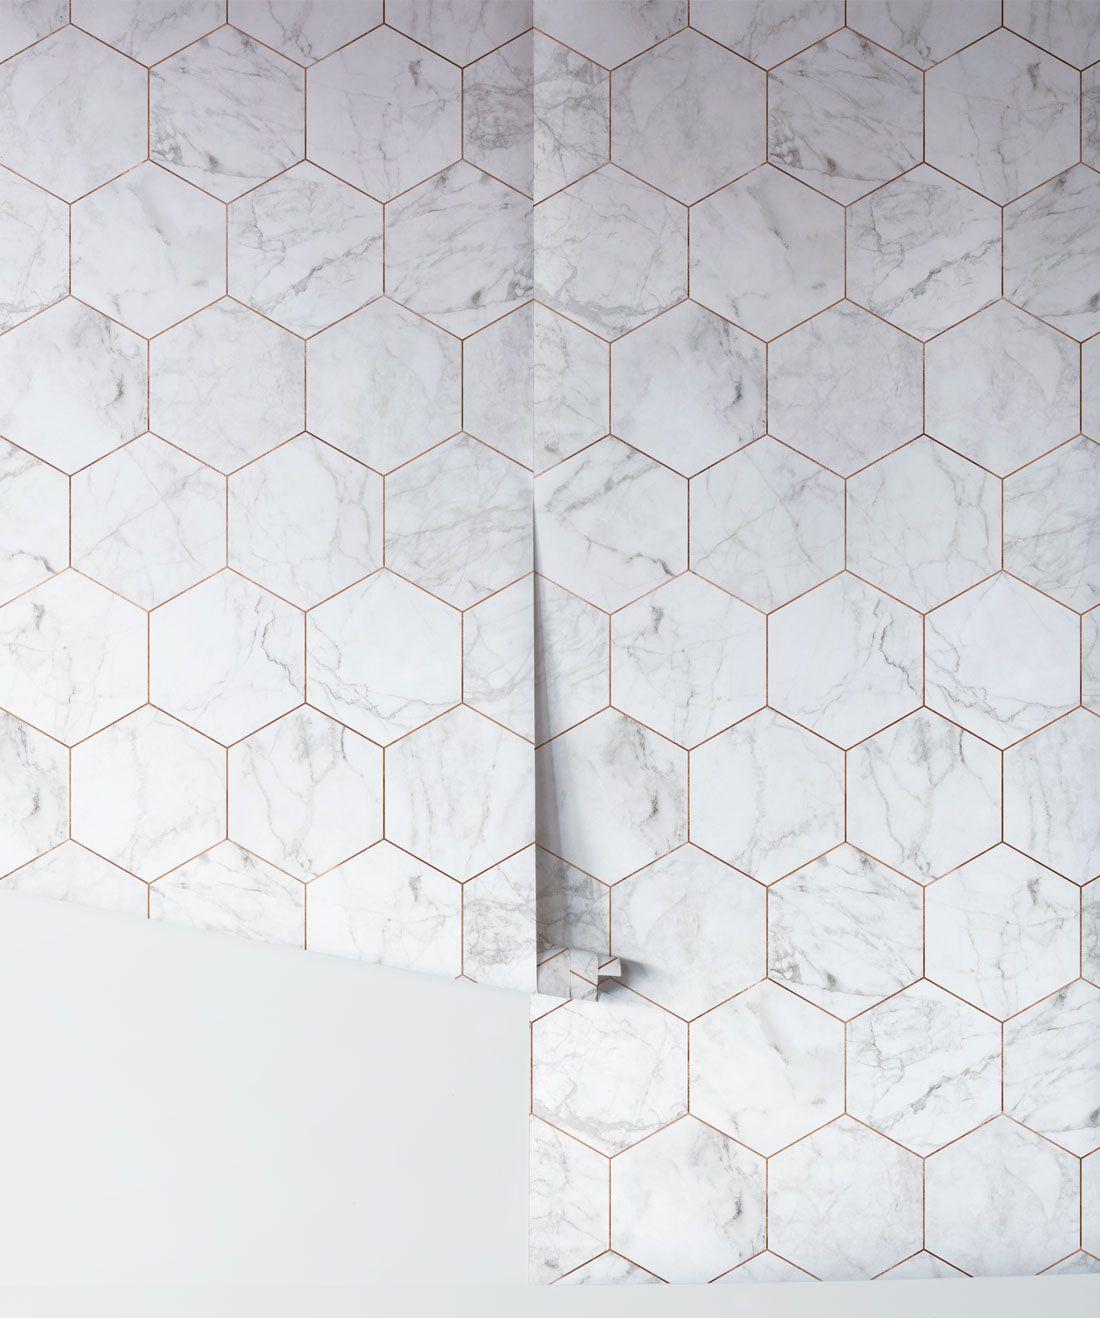 Marble Copper Tiles Wallpaper Crisp Marble Tiles Milton King In 2021 Copper Tiles Bathroom Wallpaper Tile Wallpaper